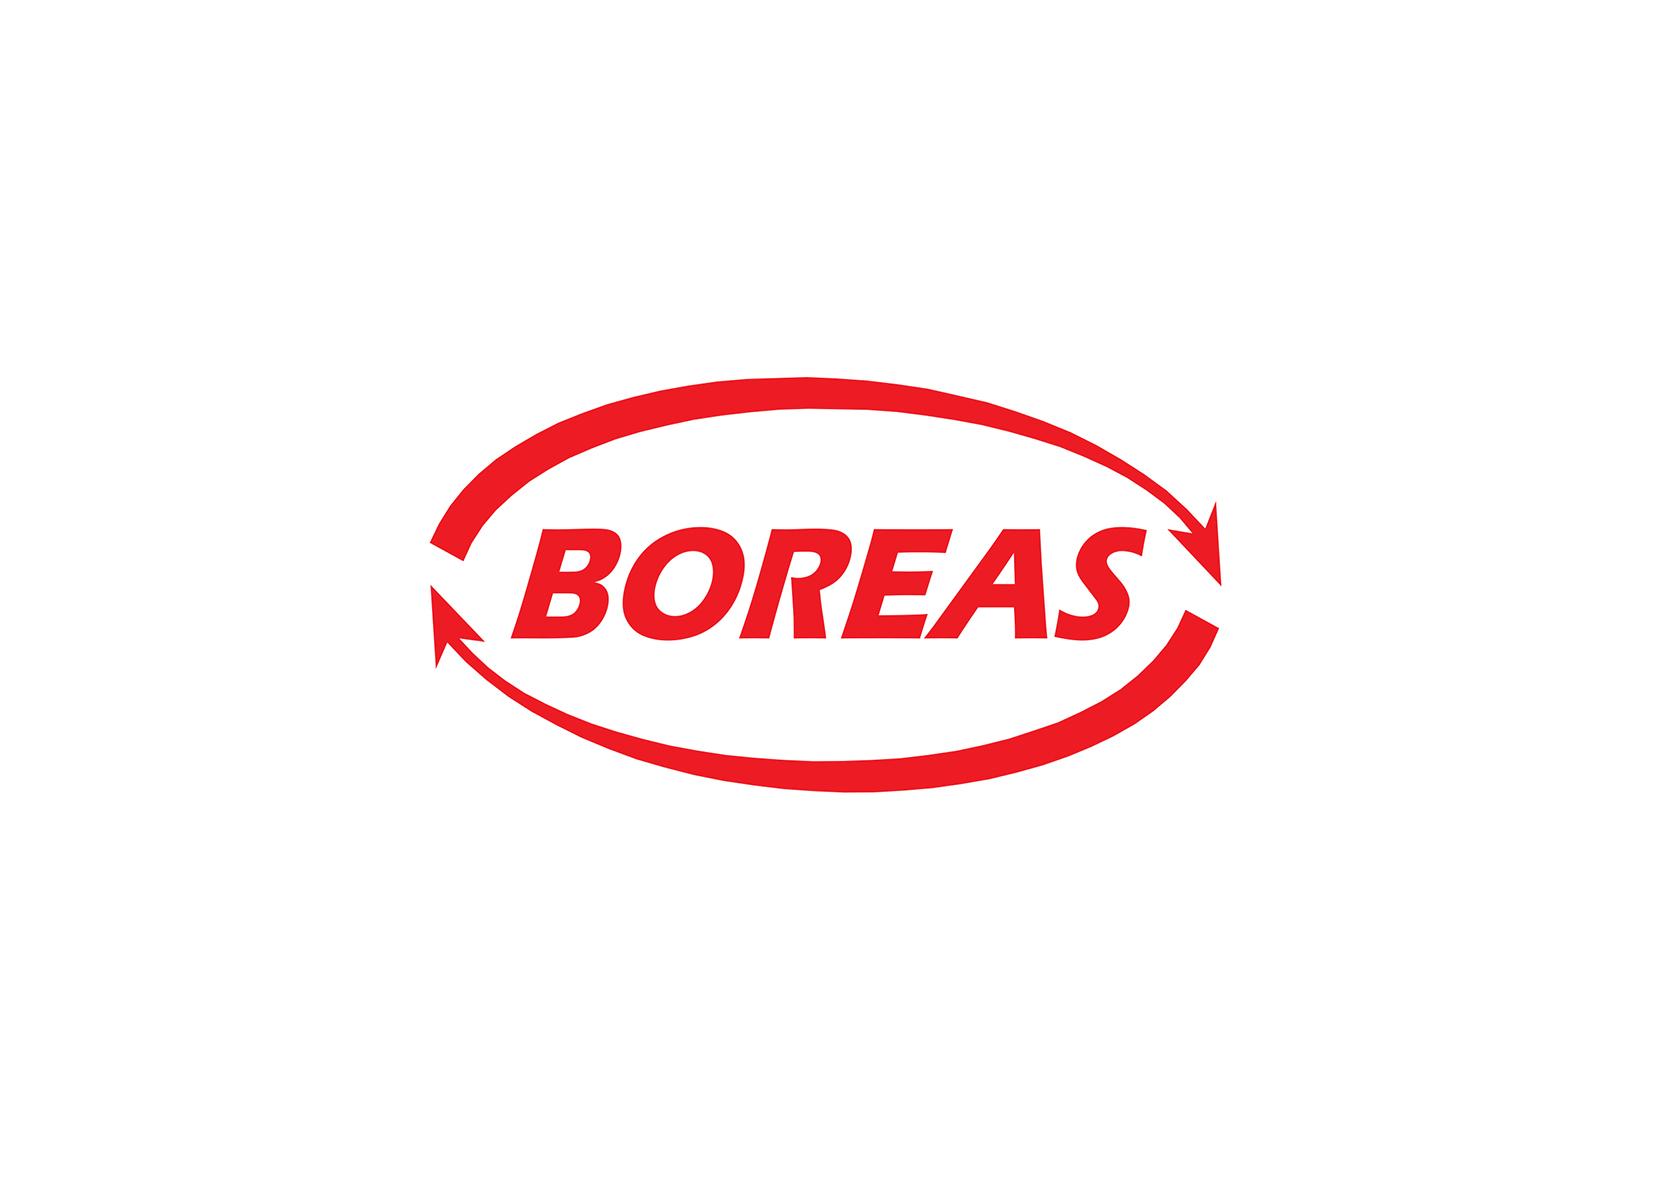 BOREAS, Bosnia & Herzegovina